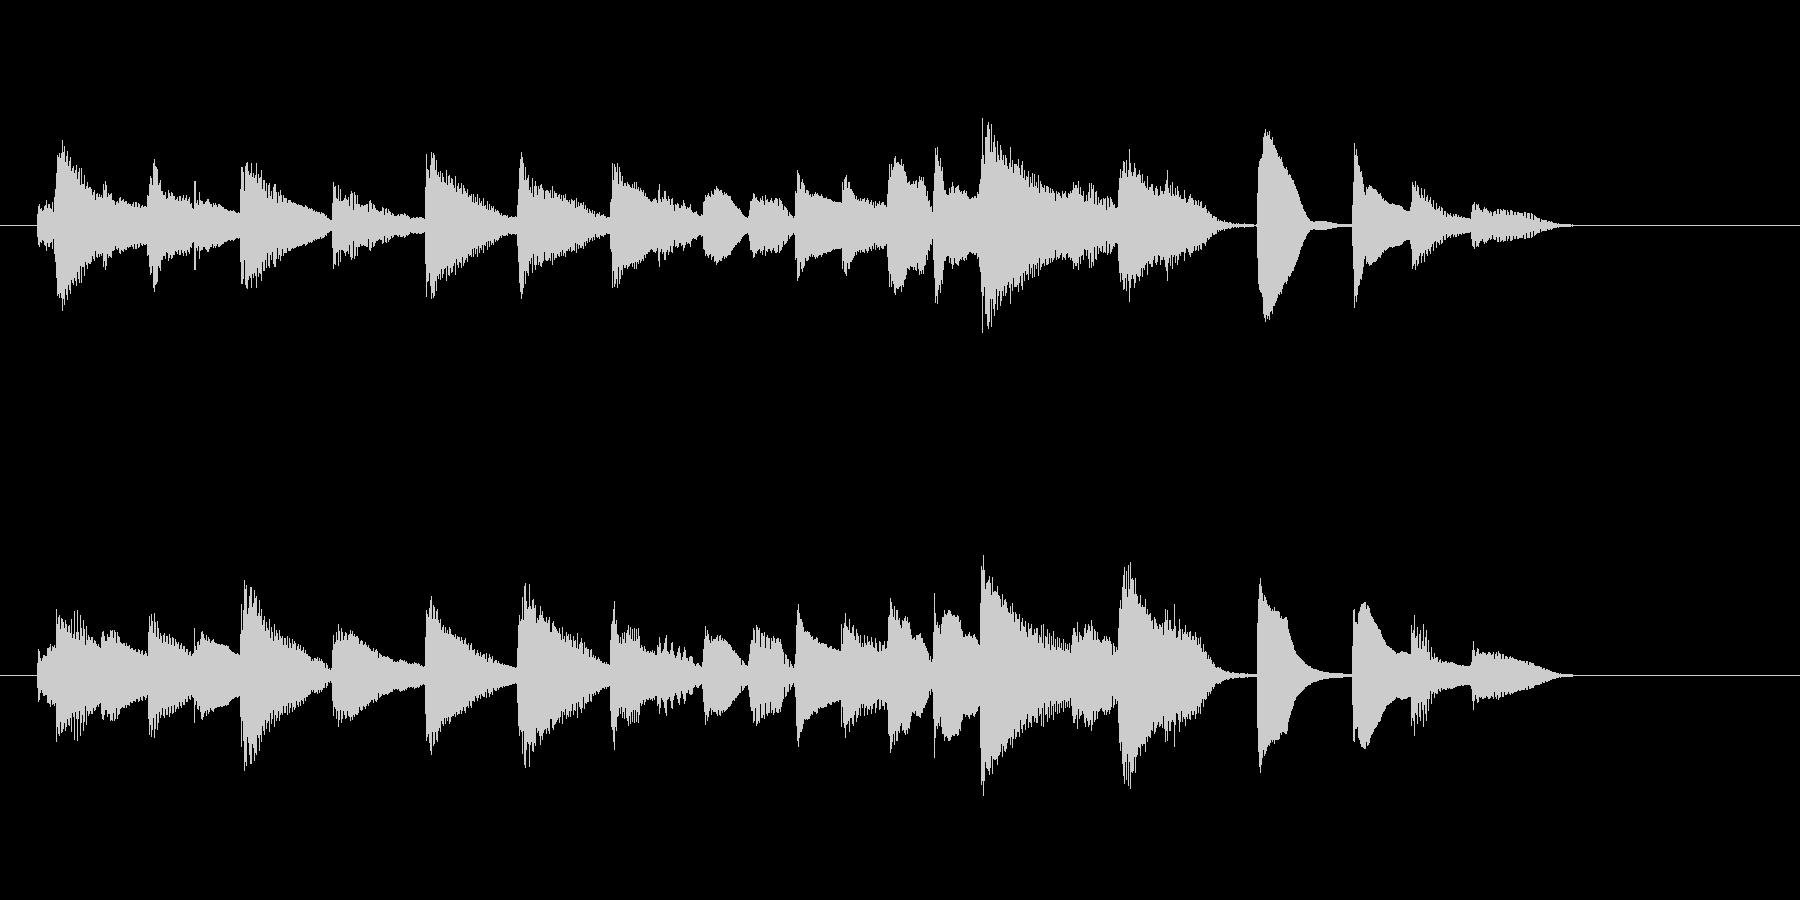 メヌエット風ピアノソロの未再生の波形